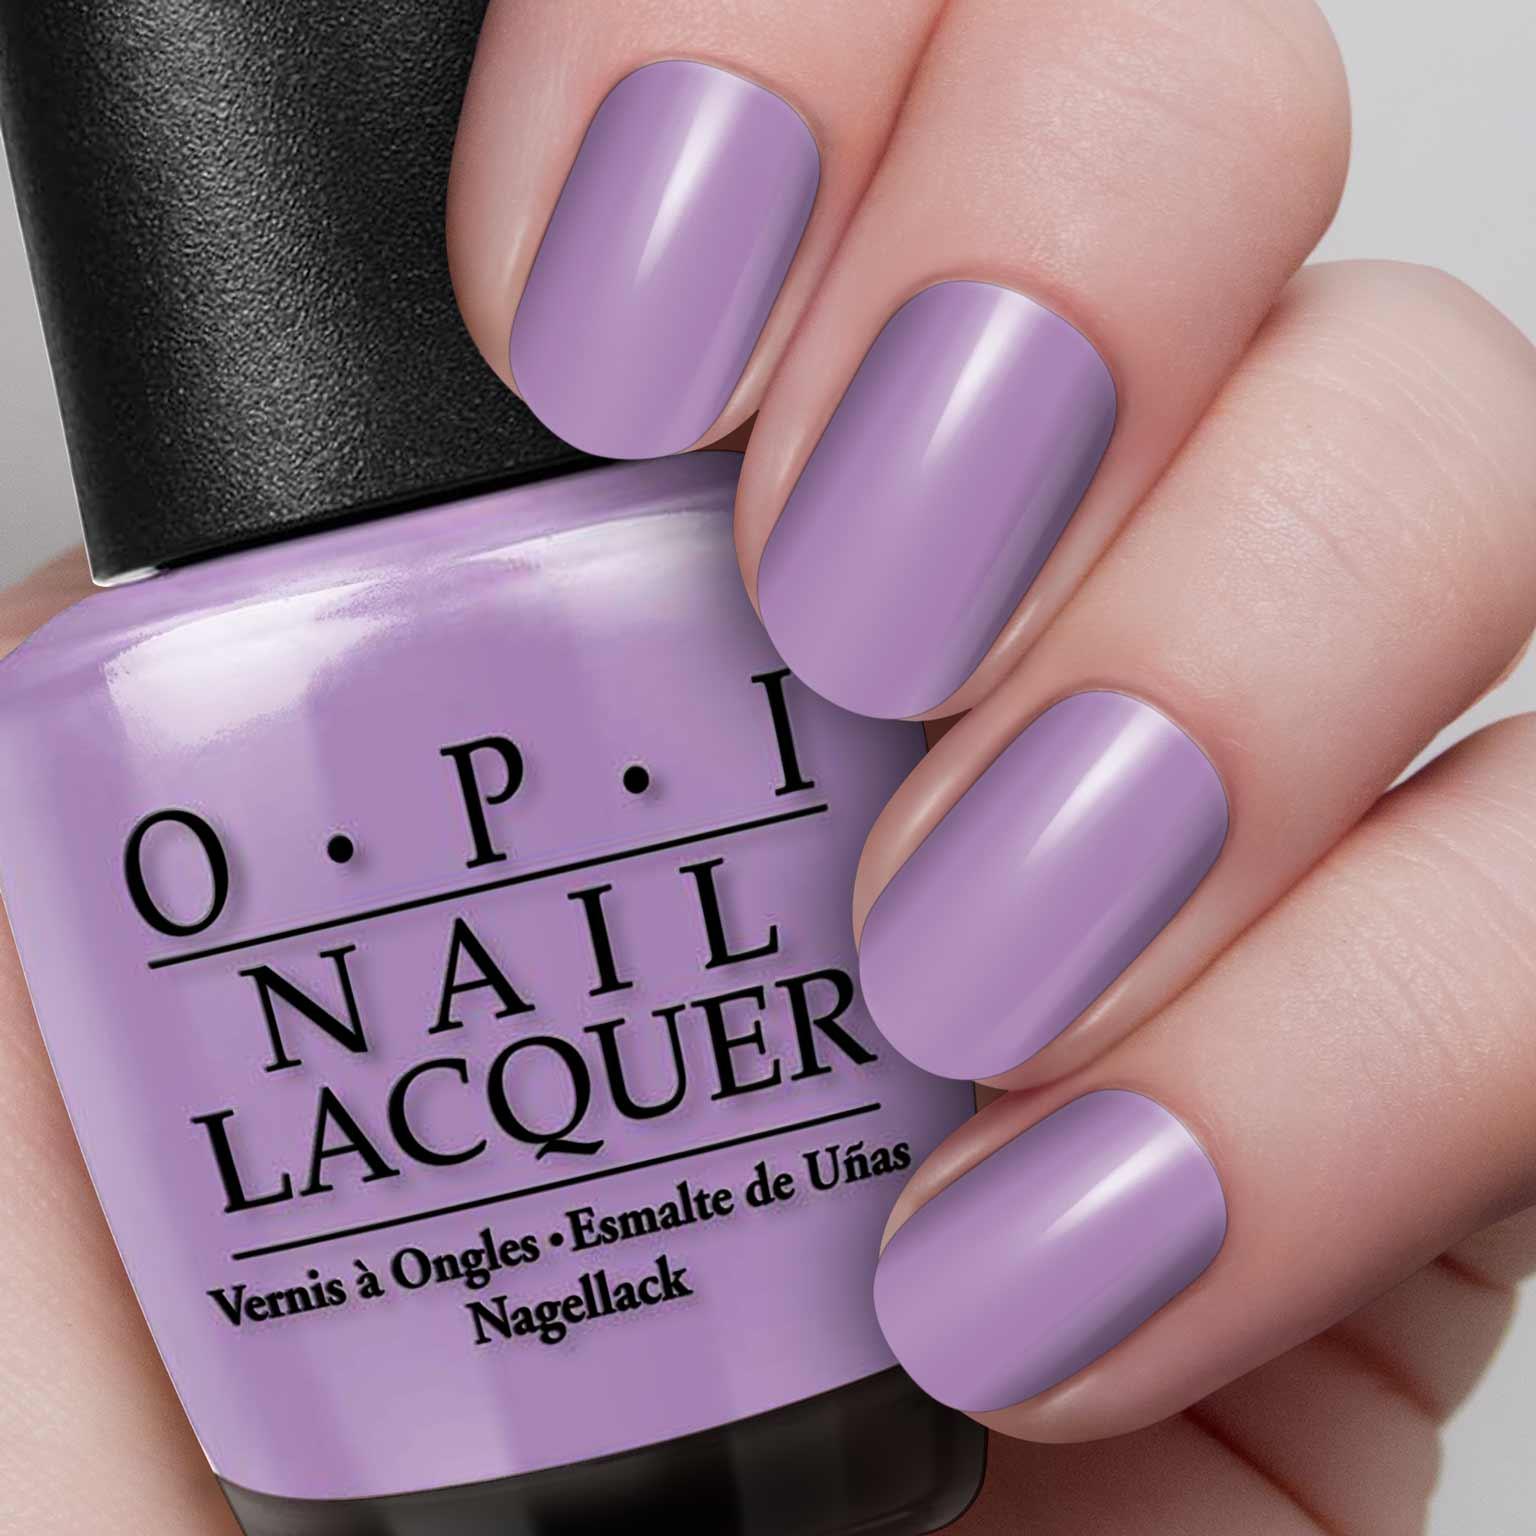 OPI Nail Polish – Do You Lilac It? – Hollywood Nails Supply UK